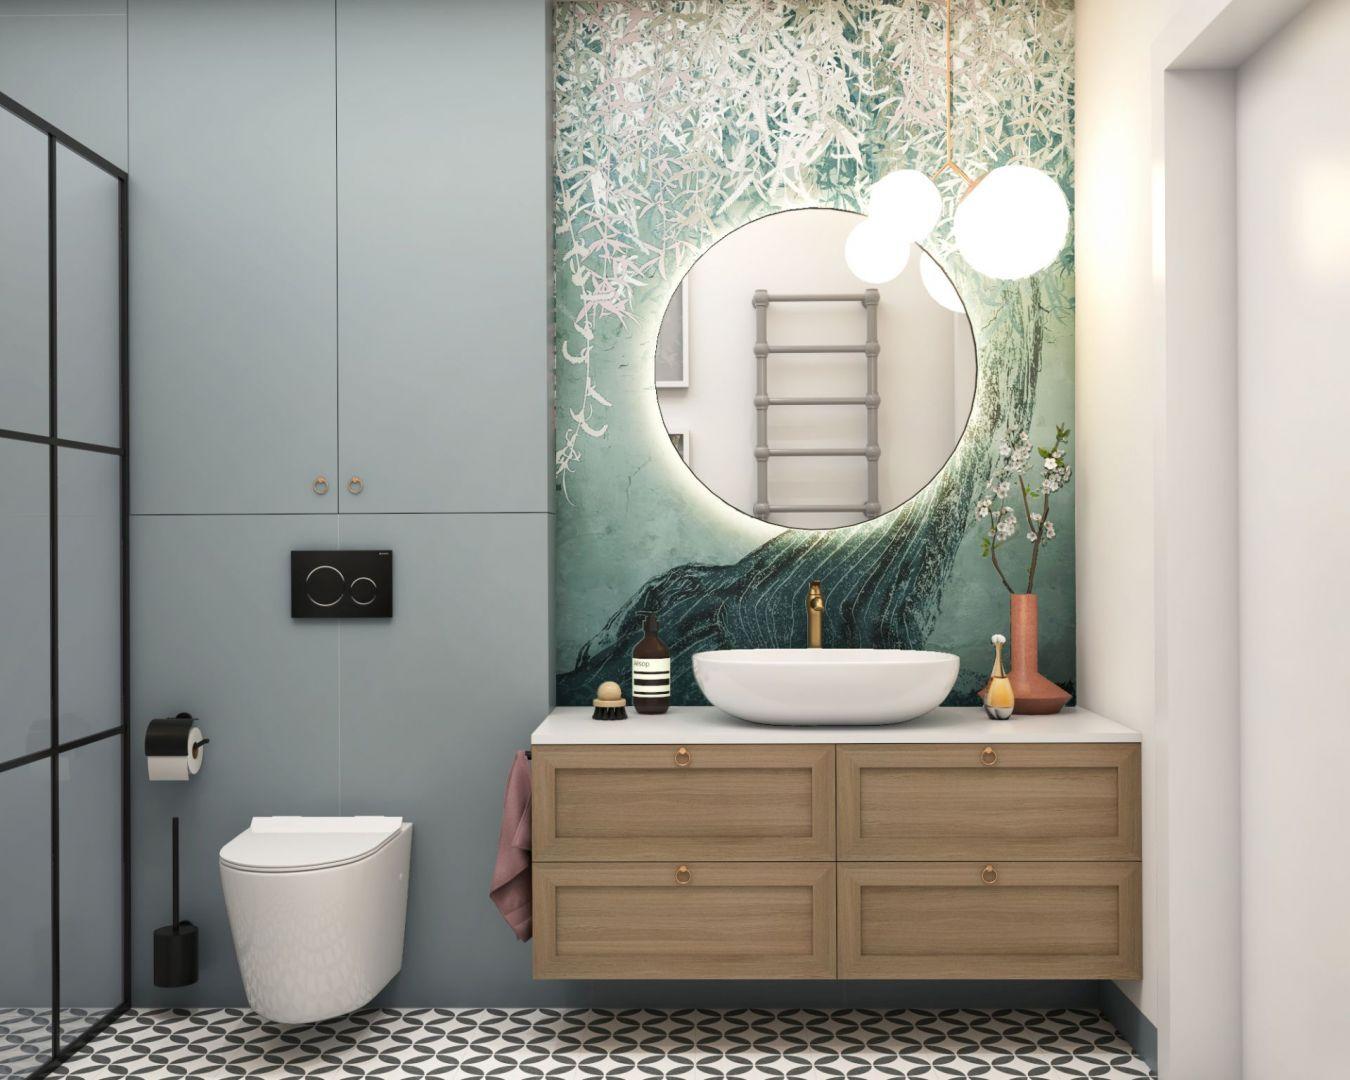 Tapeta pozwala wprowadzić do łazienki miękki rysunek i kolor, co w efekcie ociepla aranżację. Projekt i zdjęcia: MIKOŁAJSKAstudio